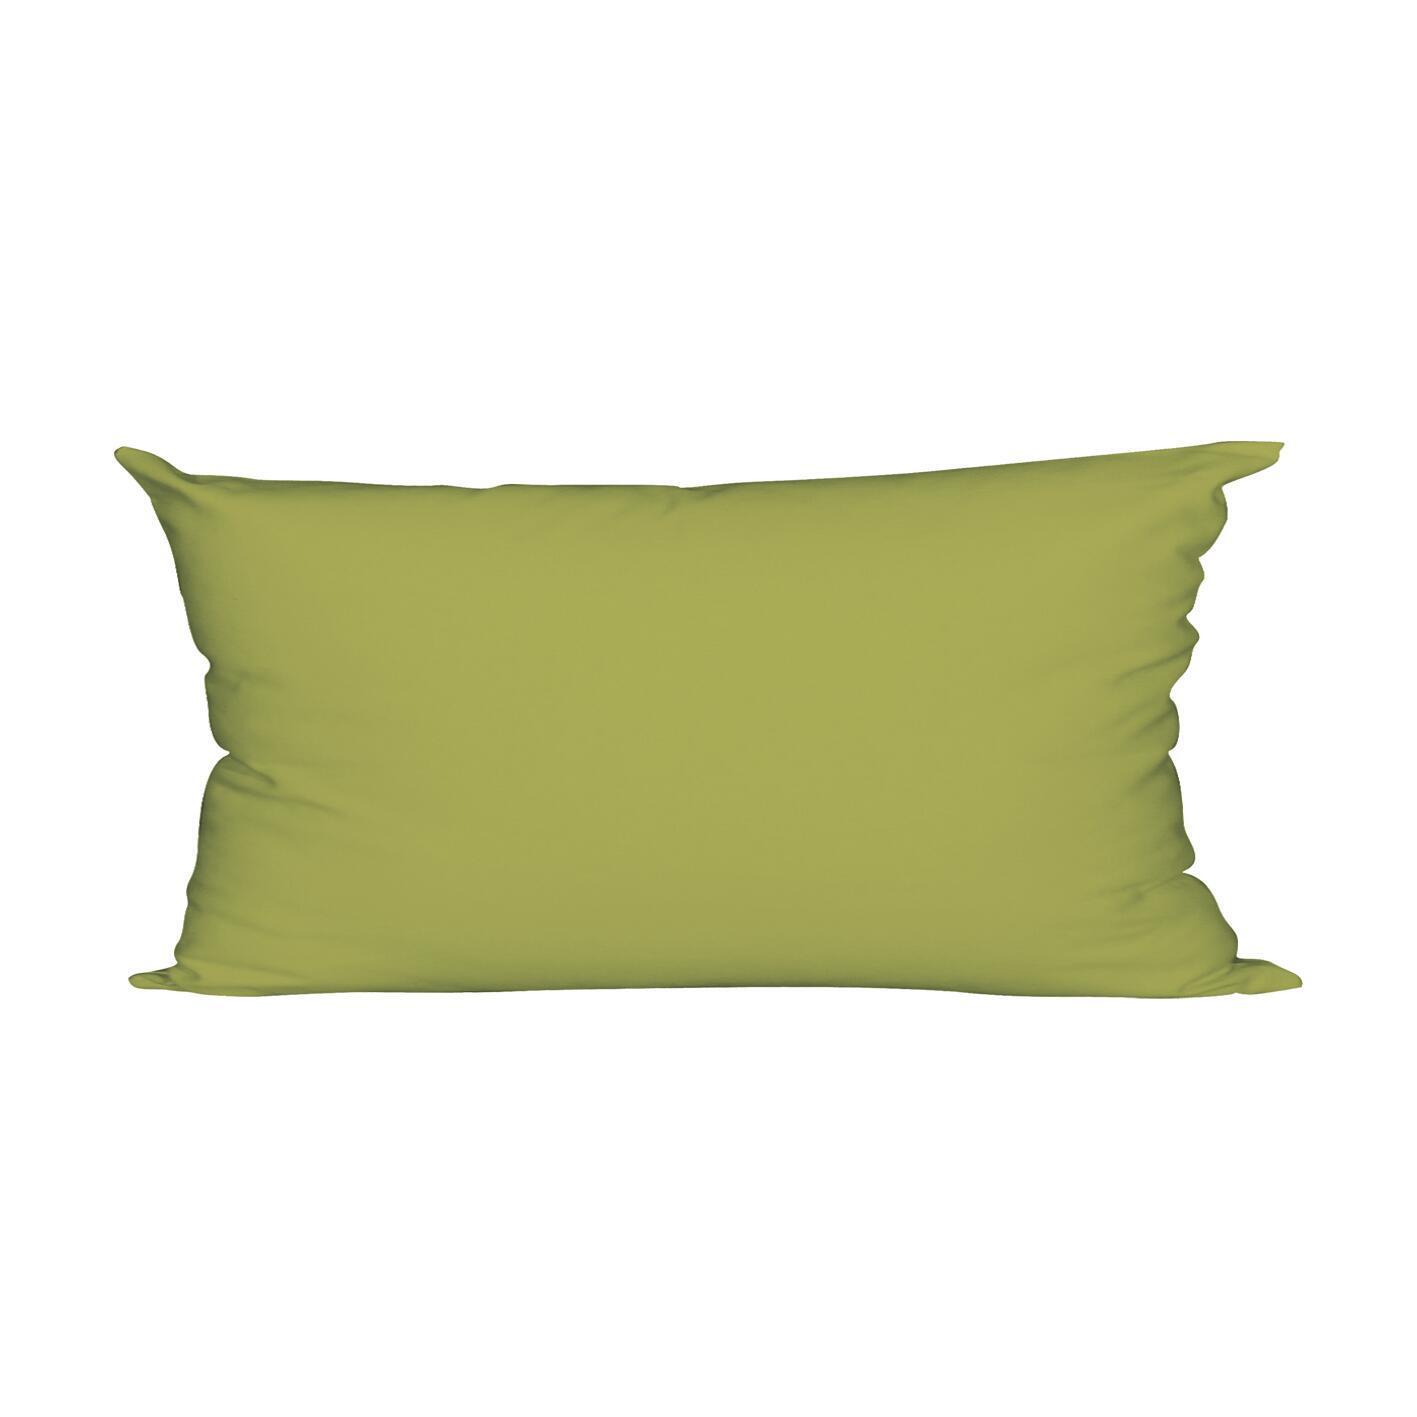 Fodera per cuscino Colorama verde 50x30 cm